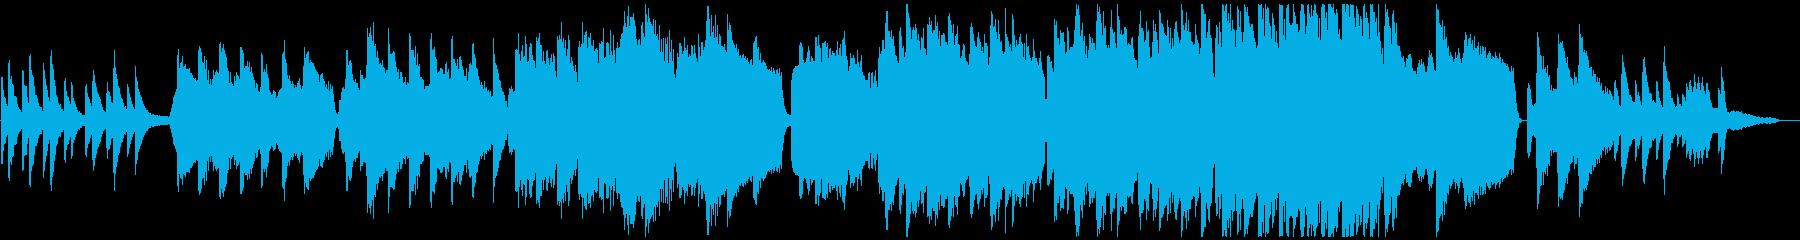 ヴァイオリンとピアノによる『仰げば尊し』の再生済みの波形